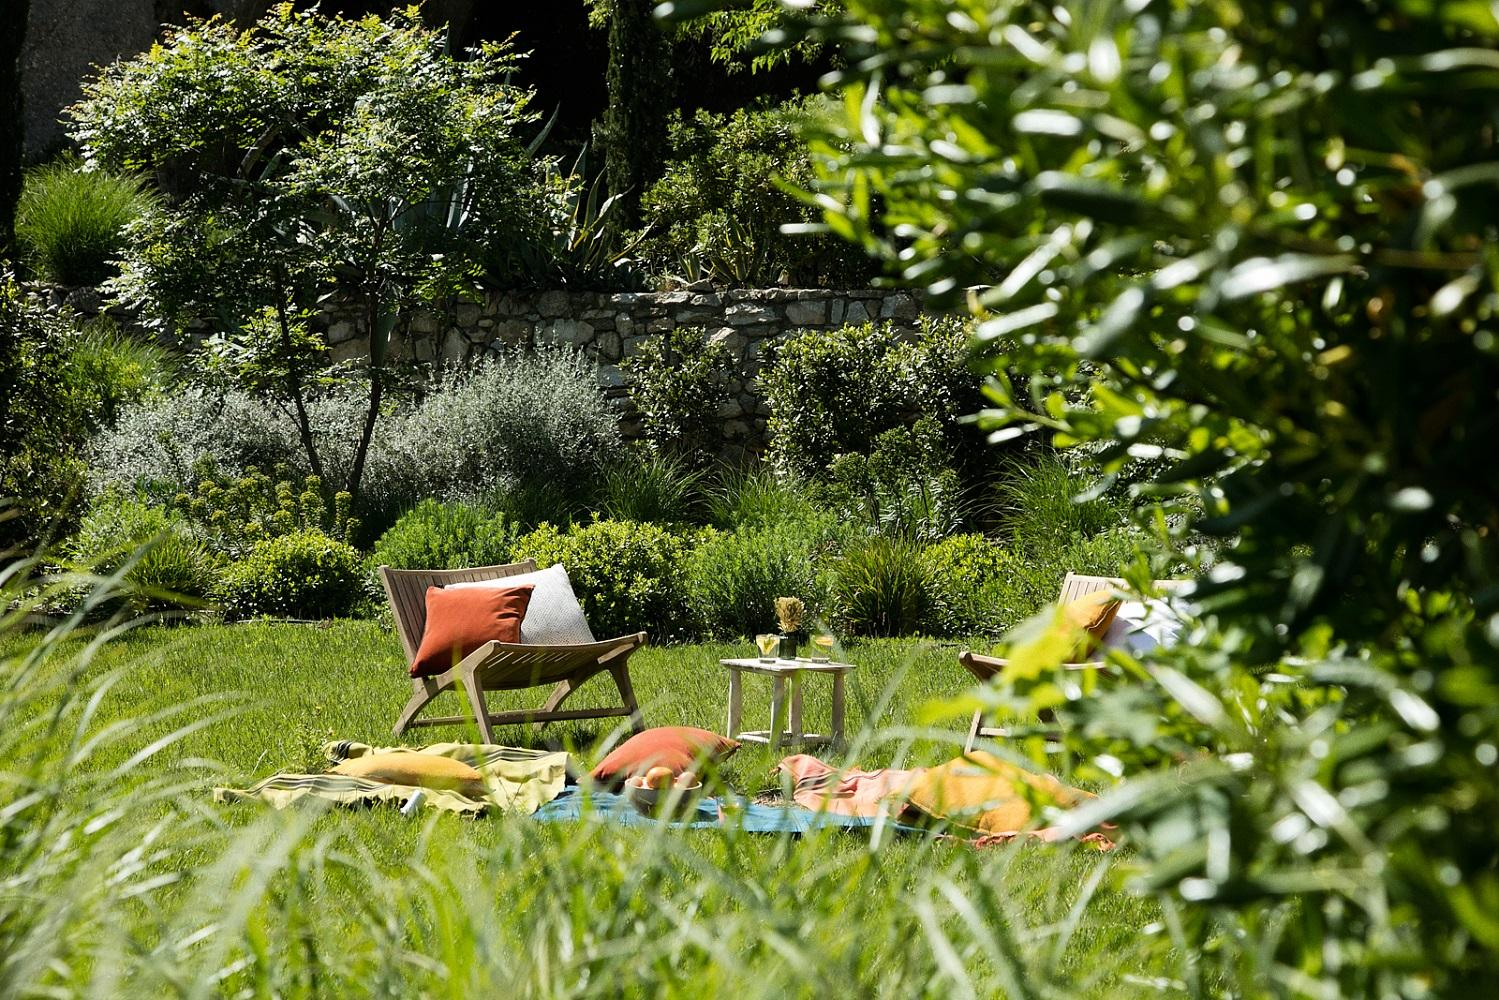 letoile-des-baux-iconic-house-baux-de-provence-alpilles-jardins-seminaires-de-caractere